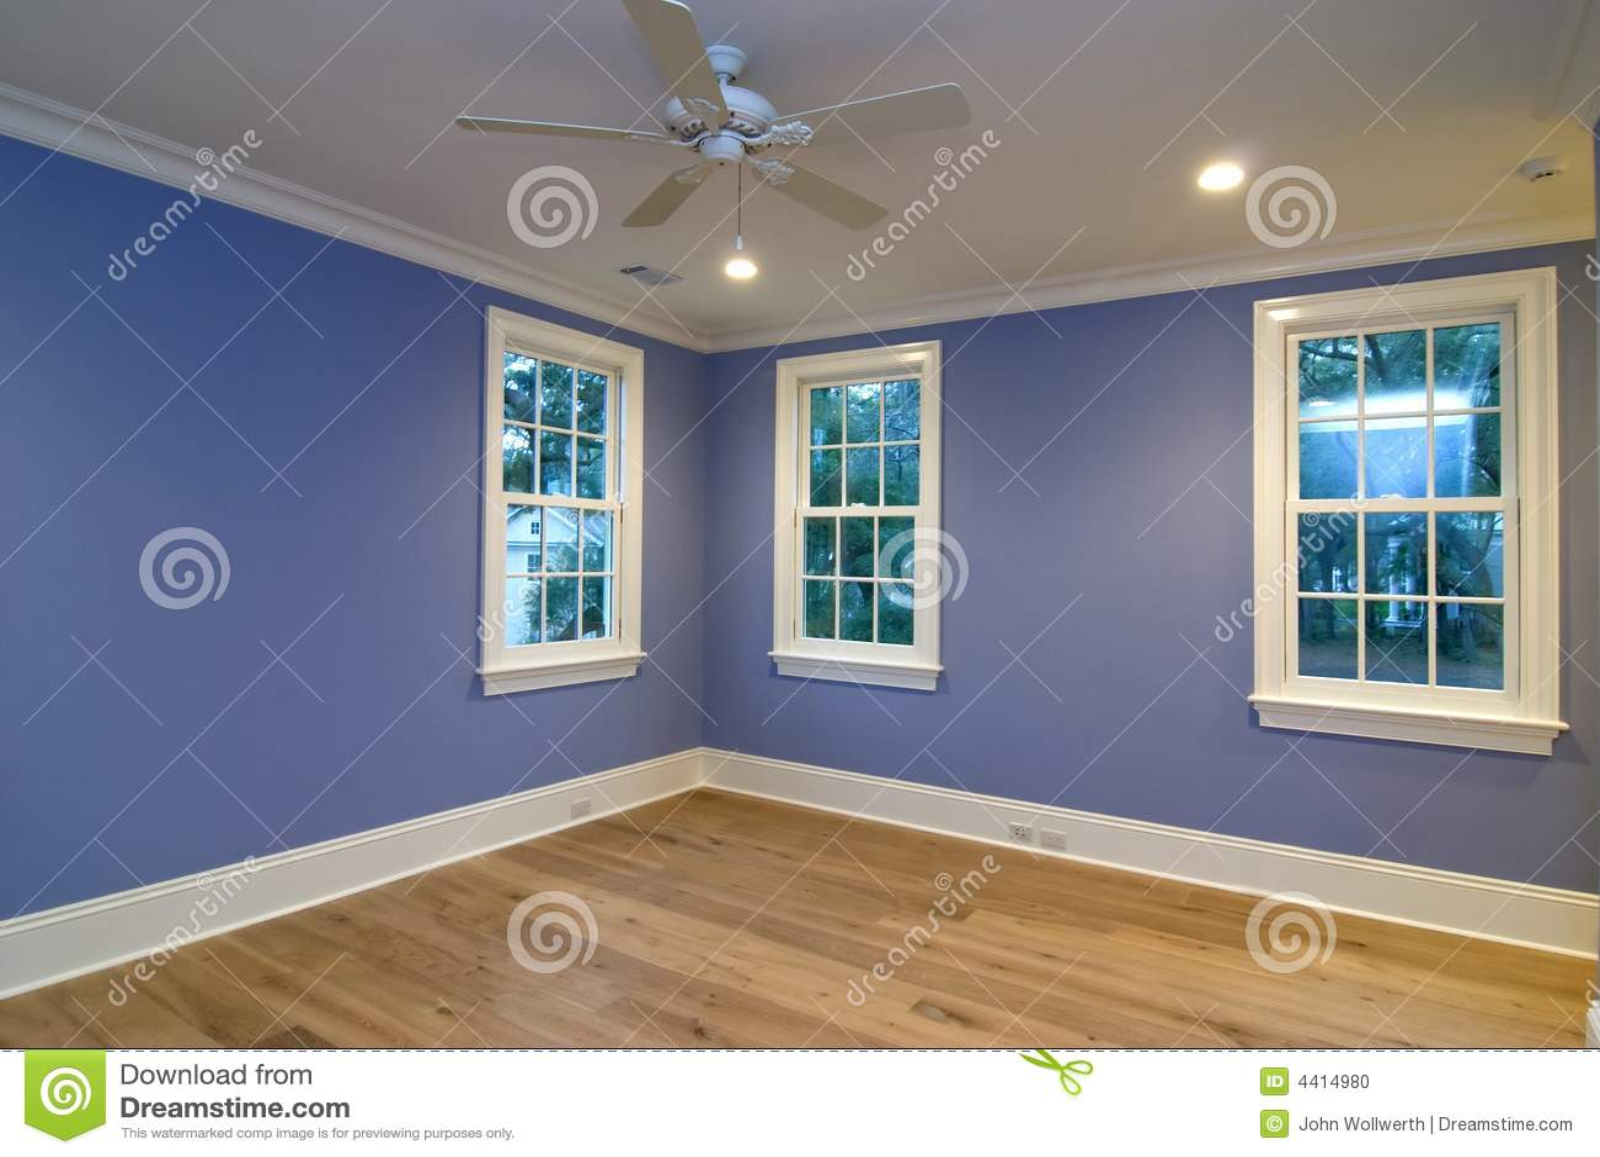 Leeres blaues Schlafzimmer stockfoto. Bild von inside - 4414980